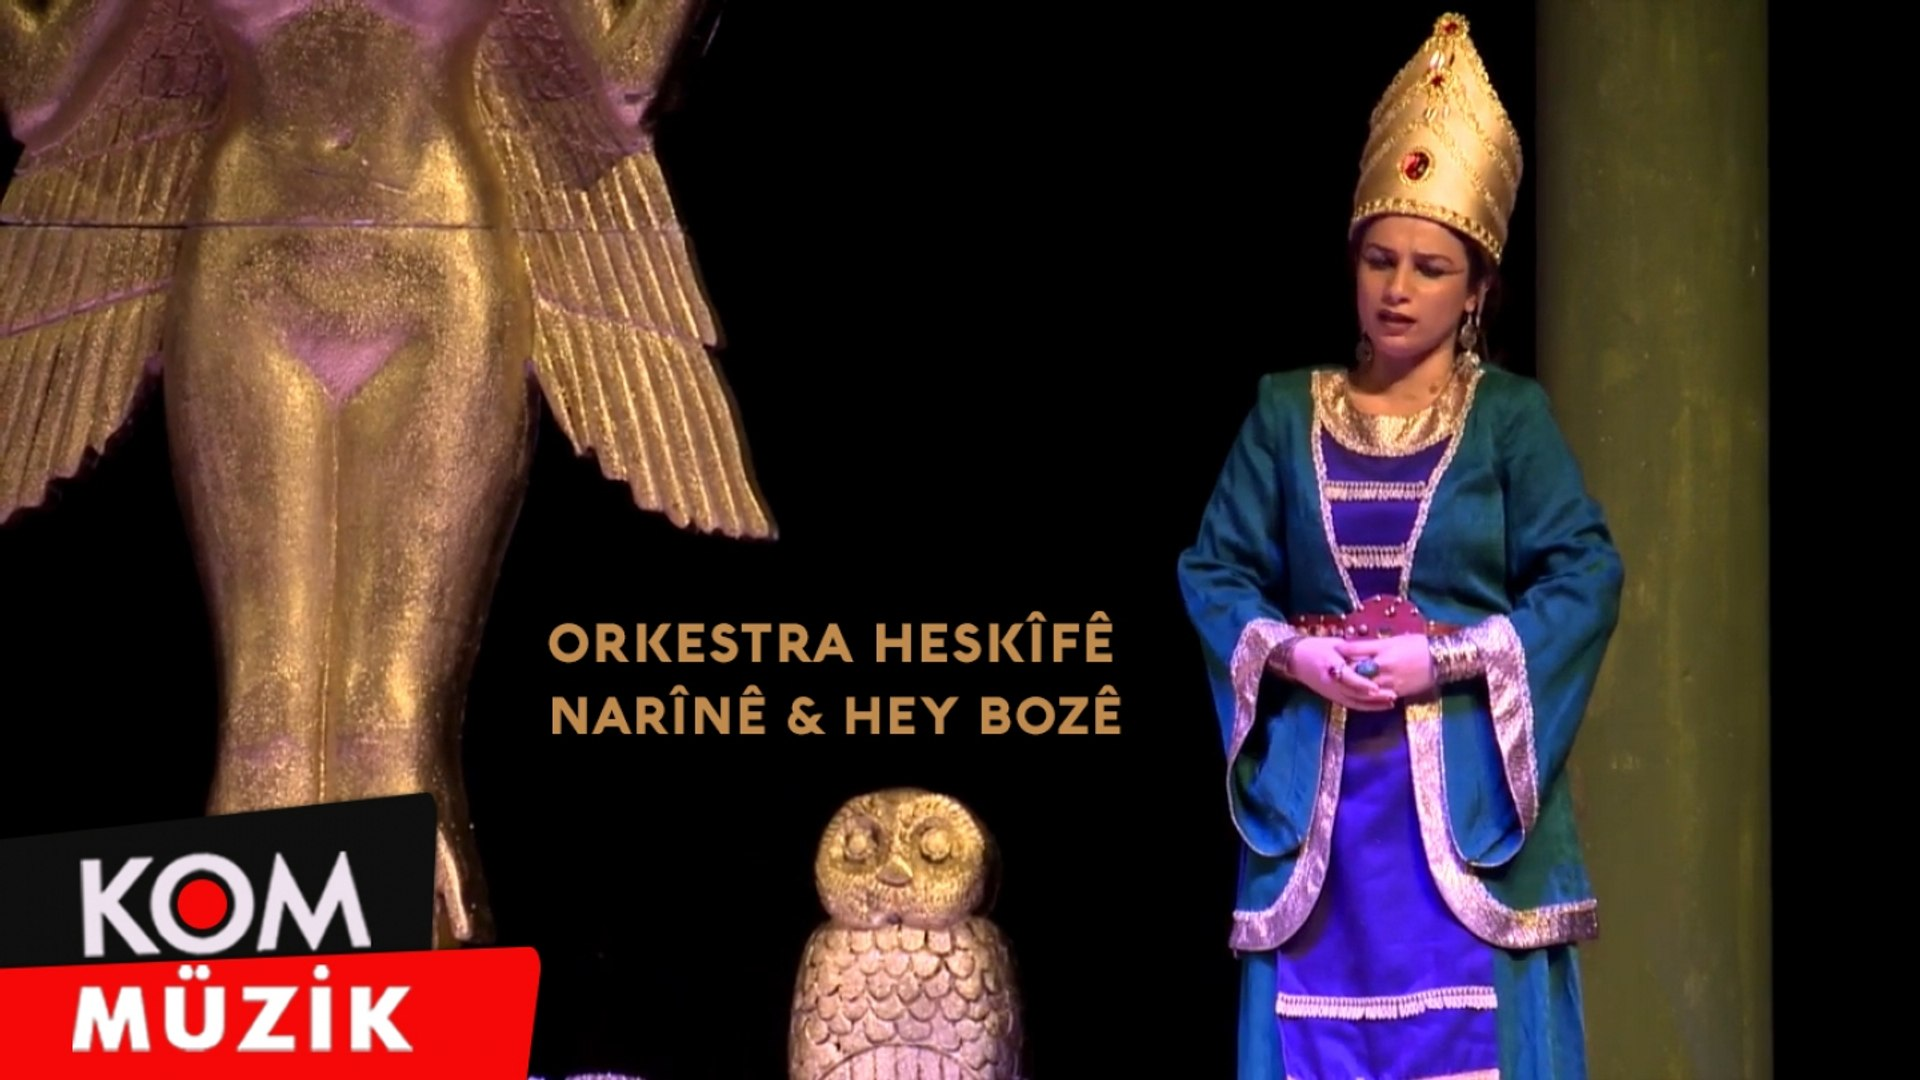 Orkestra Heskîfê - Narînê & Hey Bozê (2020 © Kom Müzik)